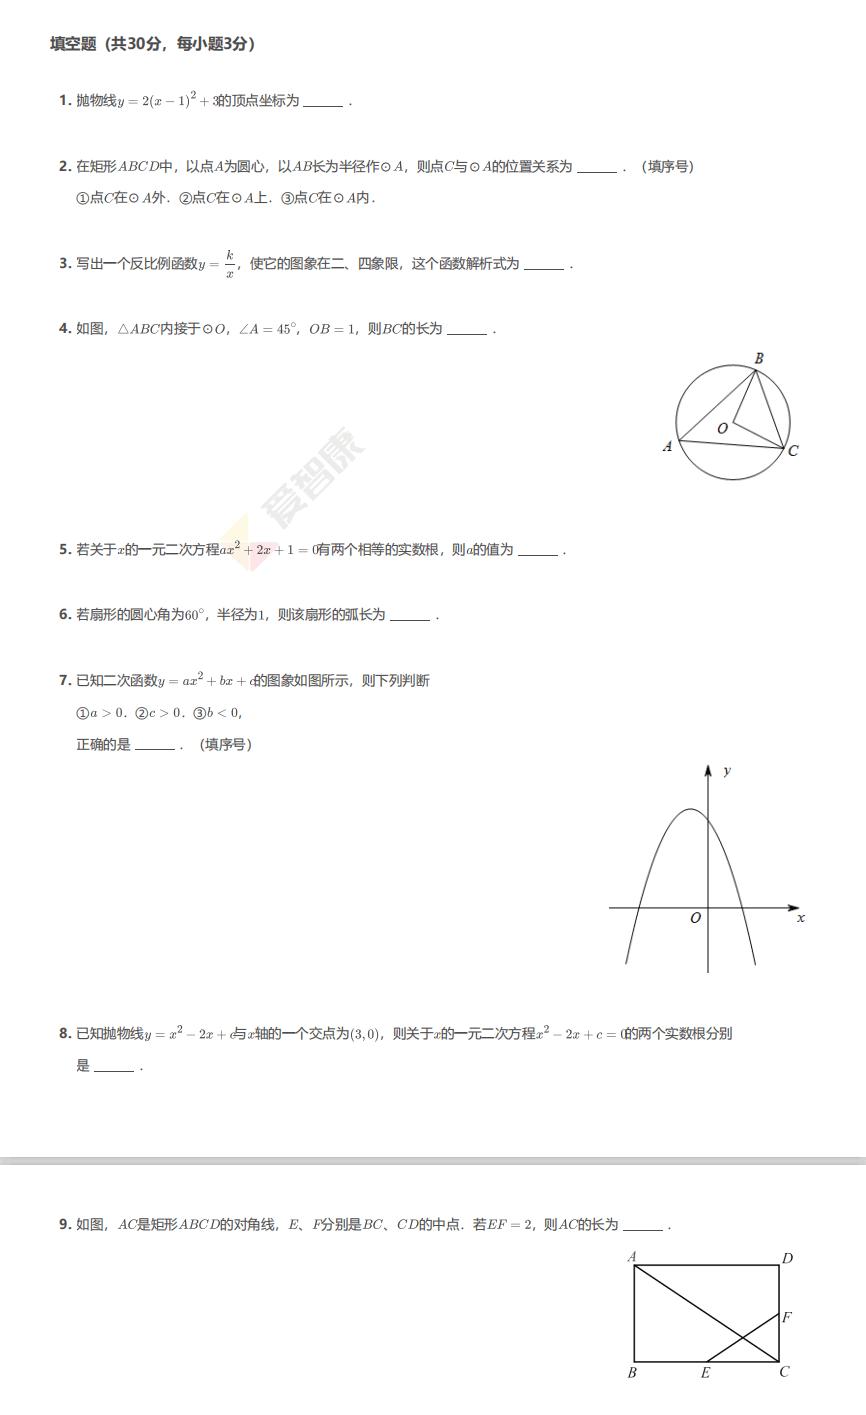 海淀数学'.png